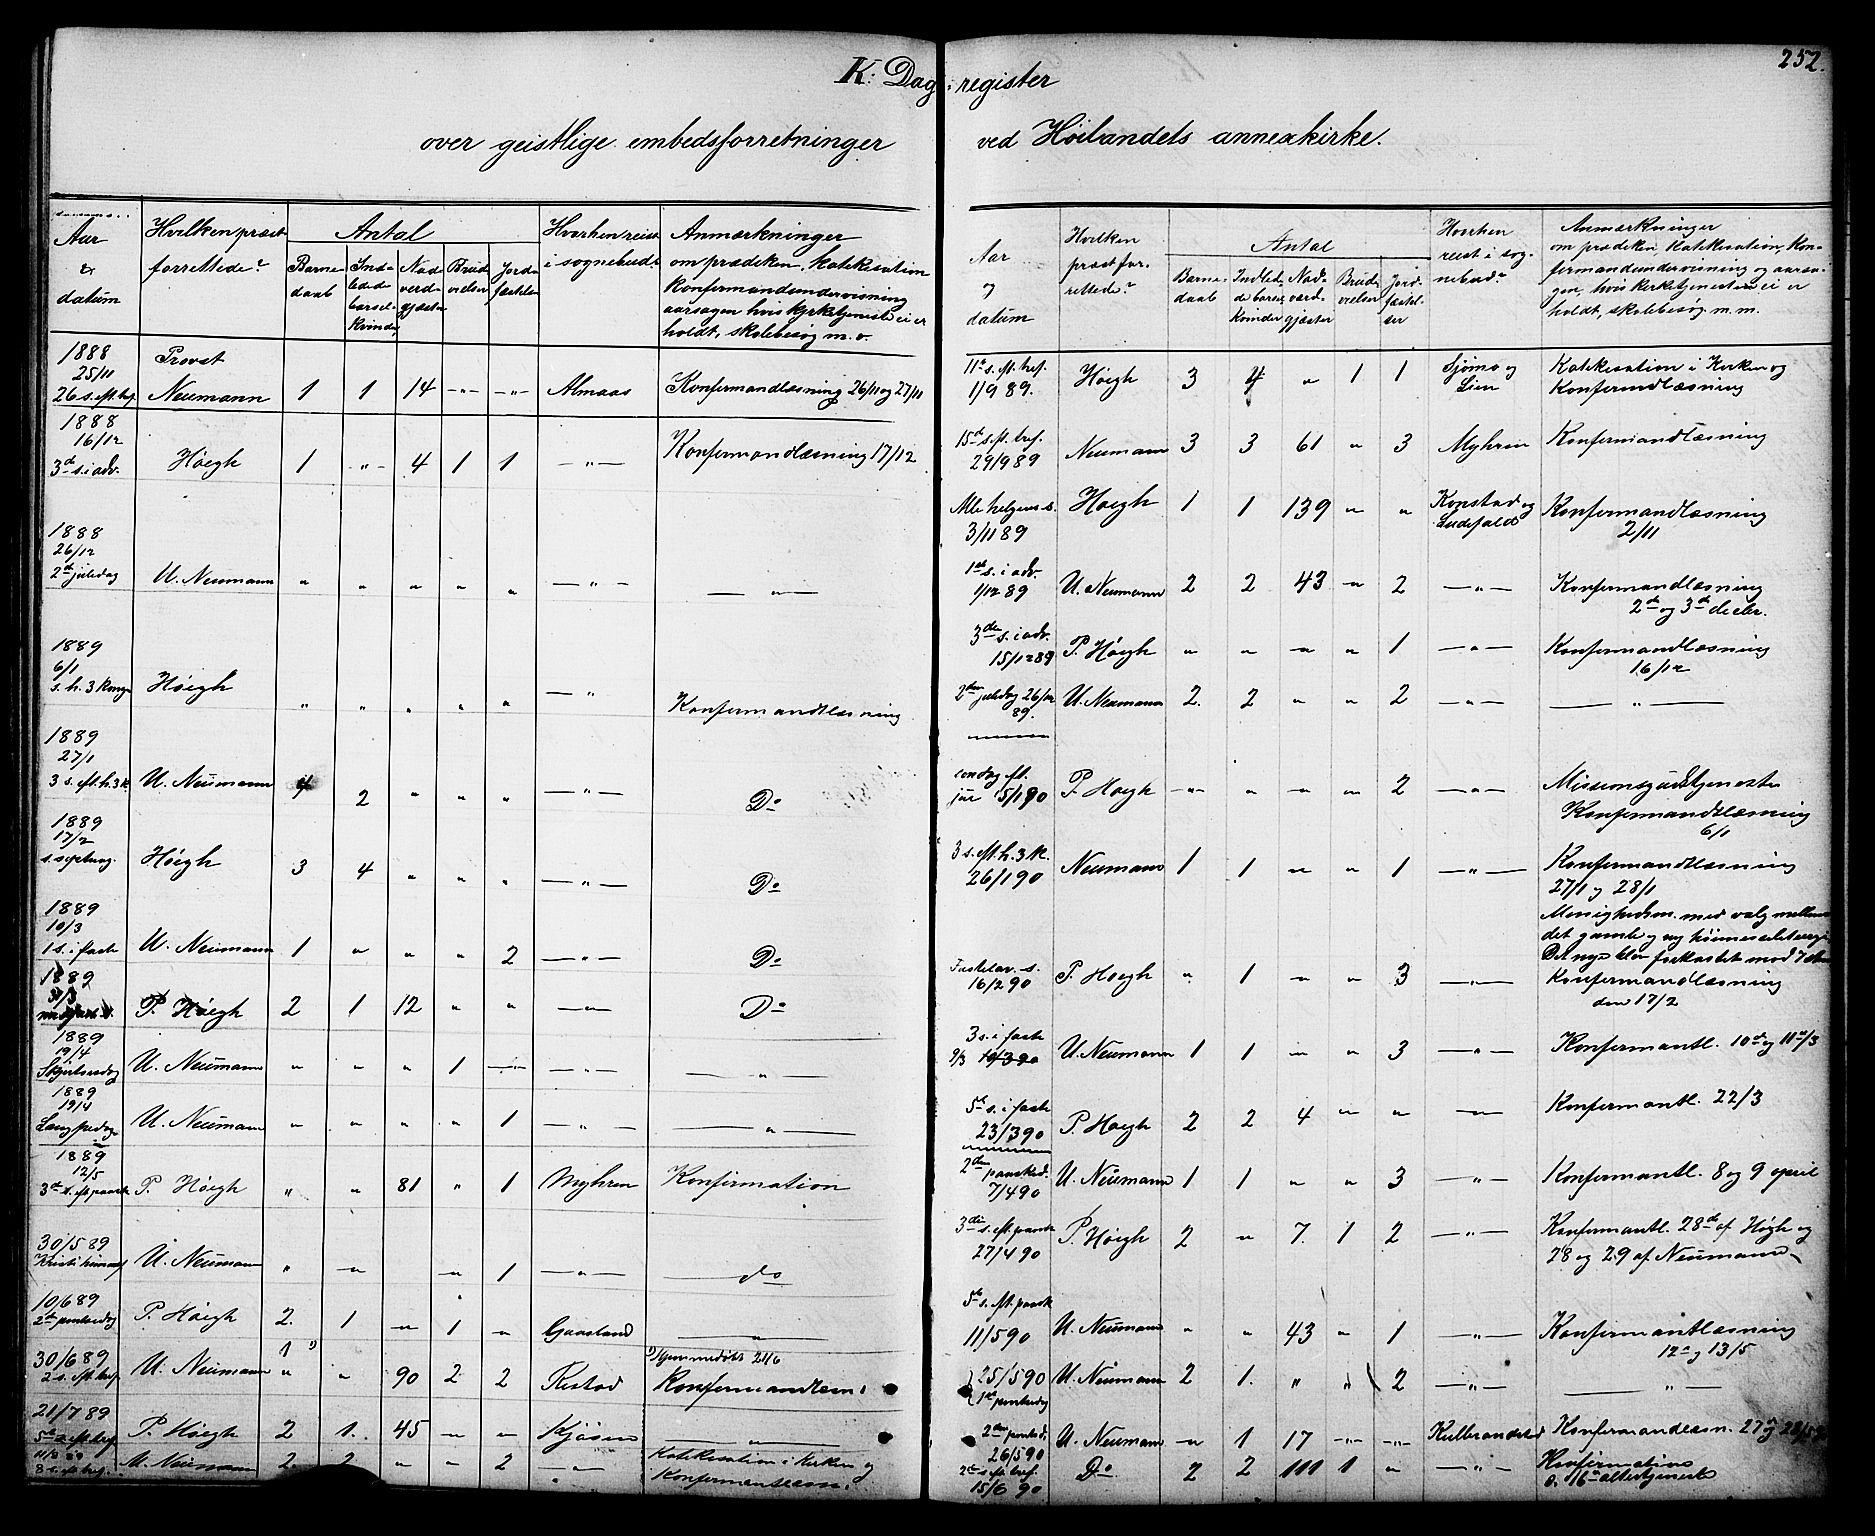 SAT, Ministerialprotokoller, klokkerbøker og fødselsregistre - Sør-Trøndelag, 694/L1132: Klokkerbok nr. 694C04, 1887-1914, s. 252